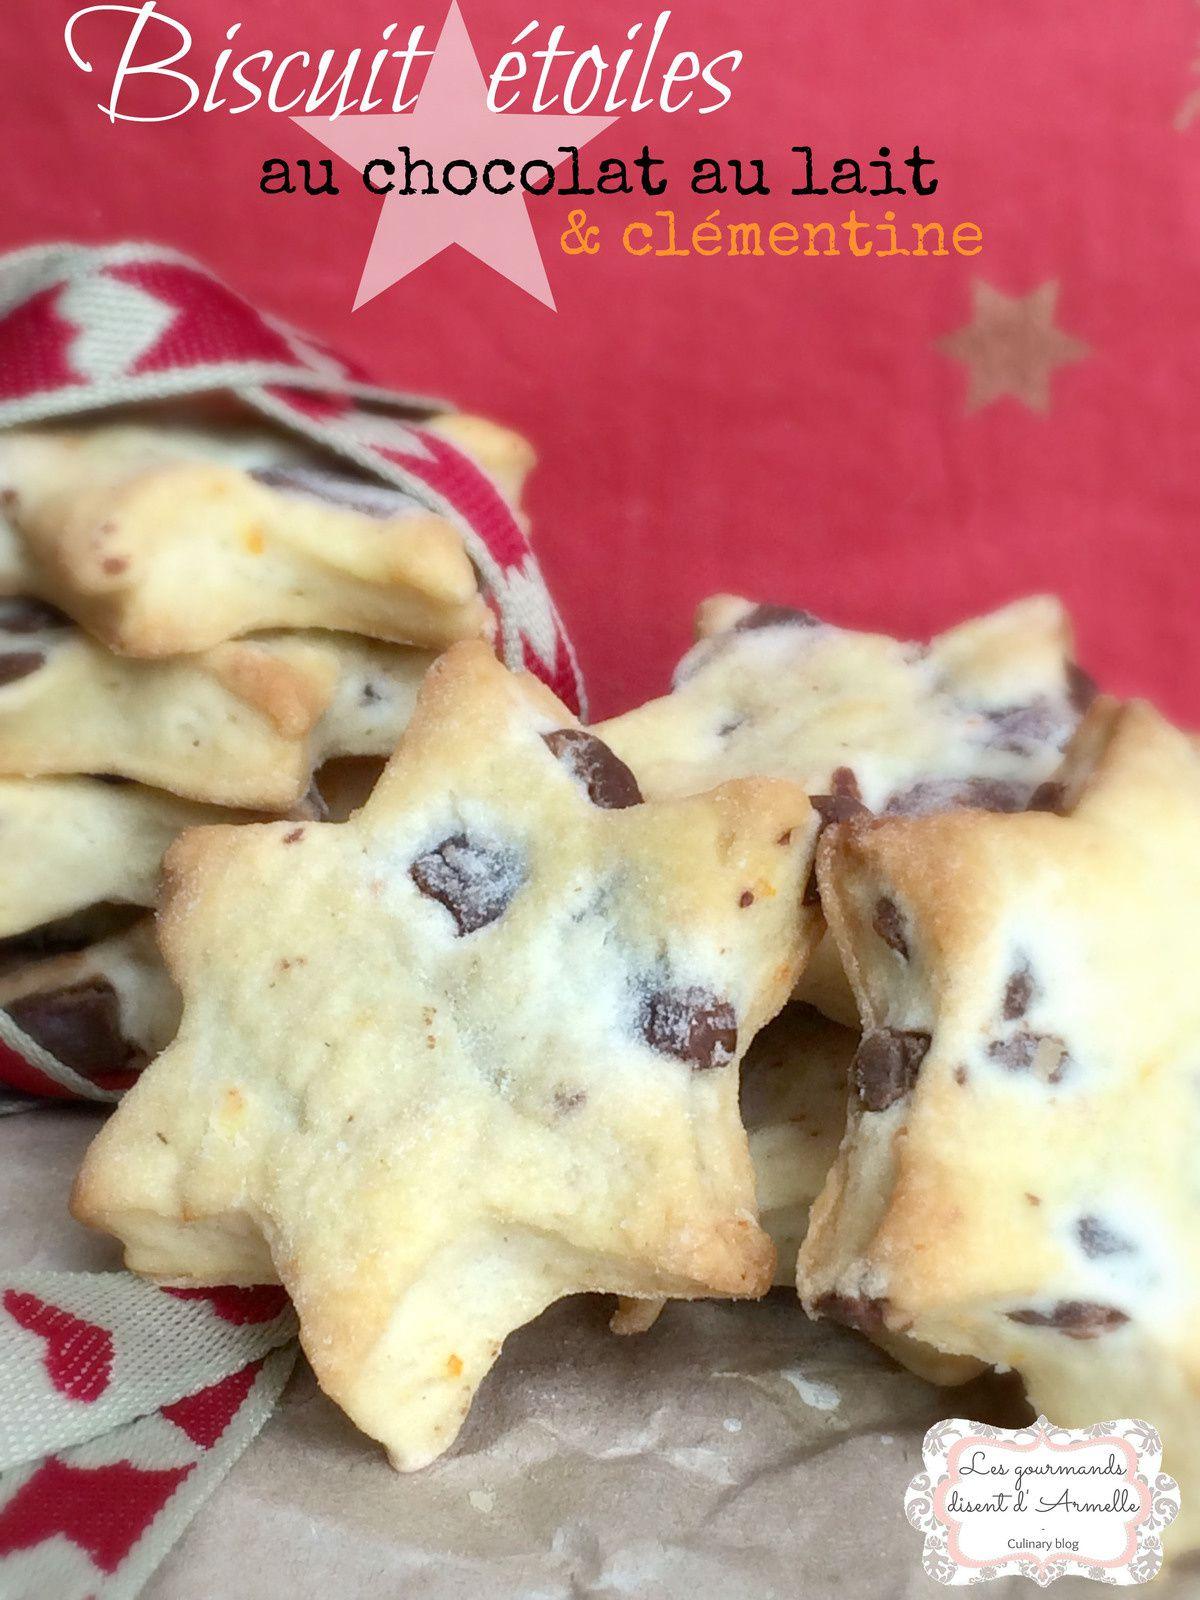 Biscuit Etoiles au chocolat au lait et clémentine